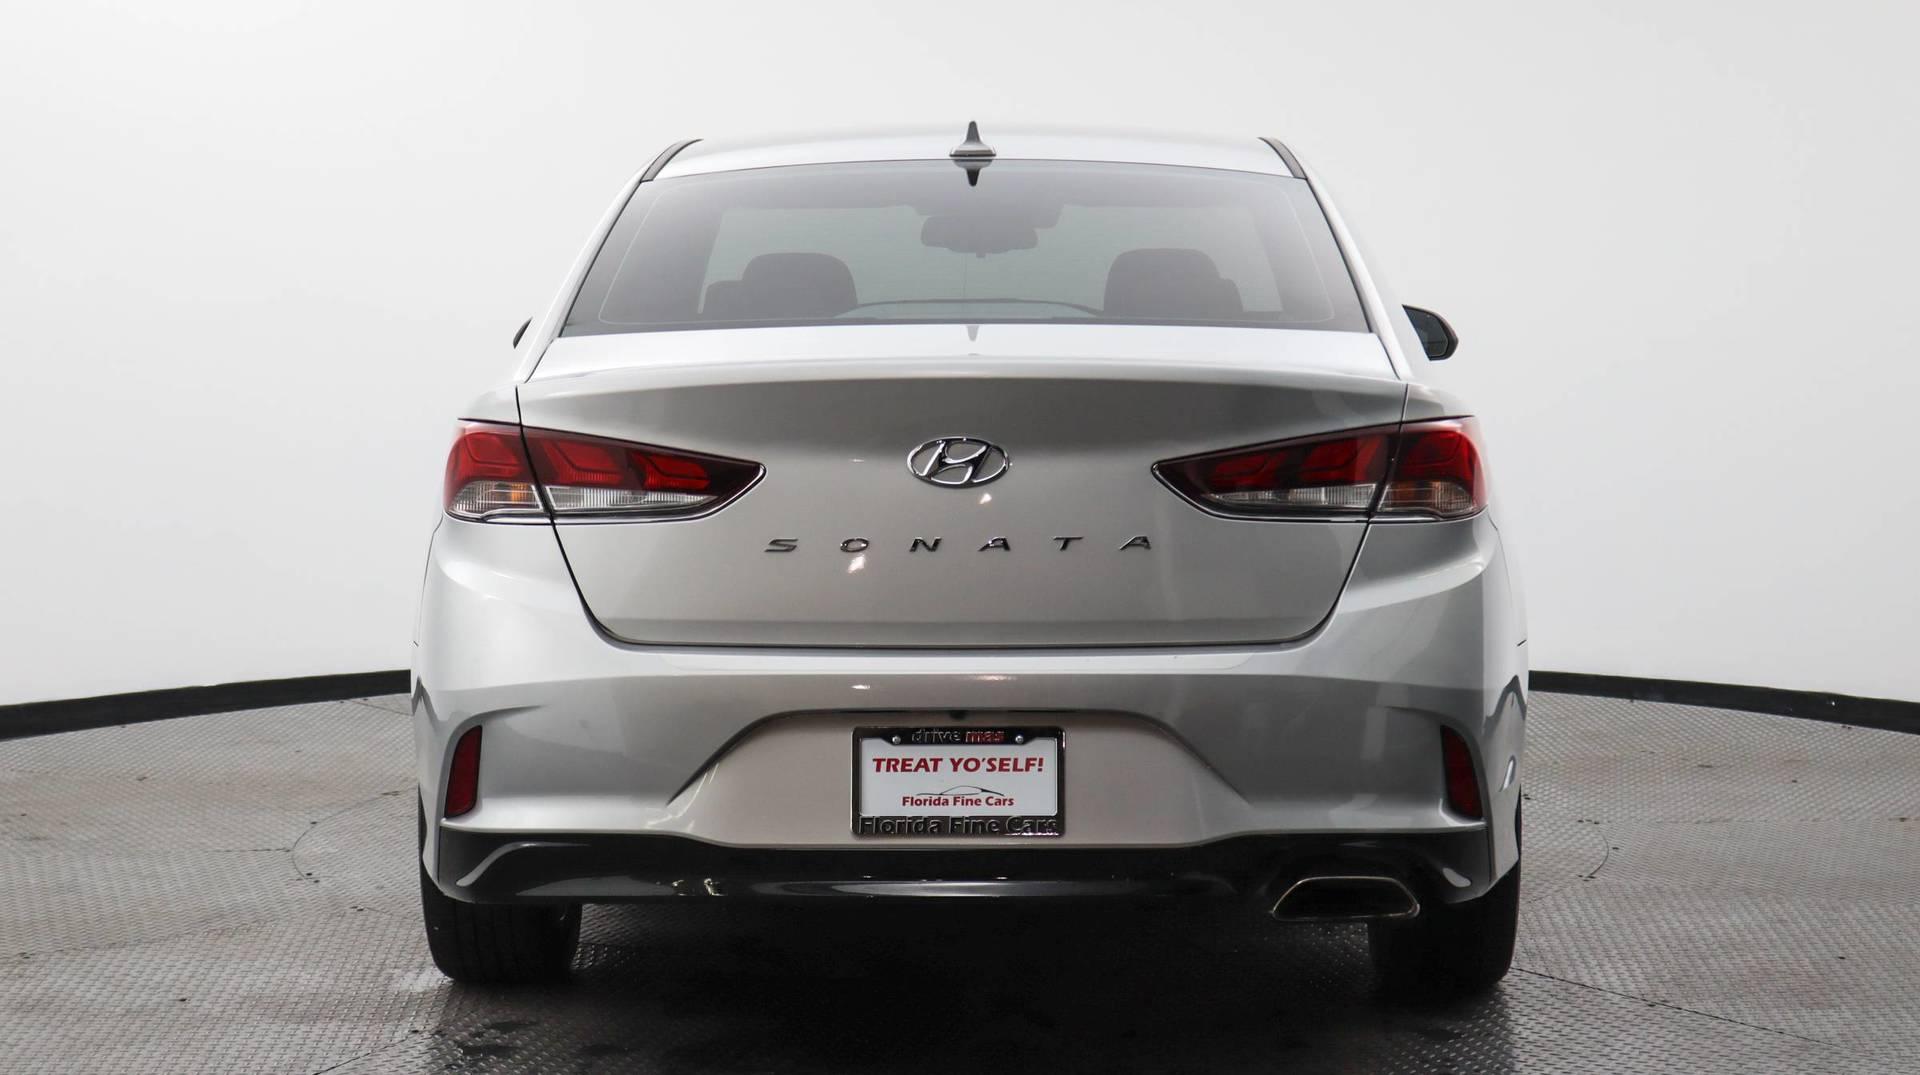 Florida Fine Cars - Used vehicle - Sedan HYUNDAI SONATA 2019